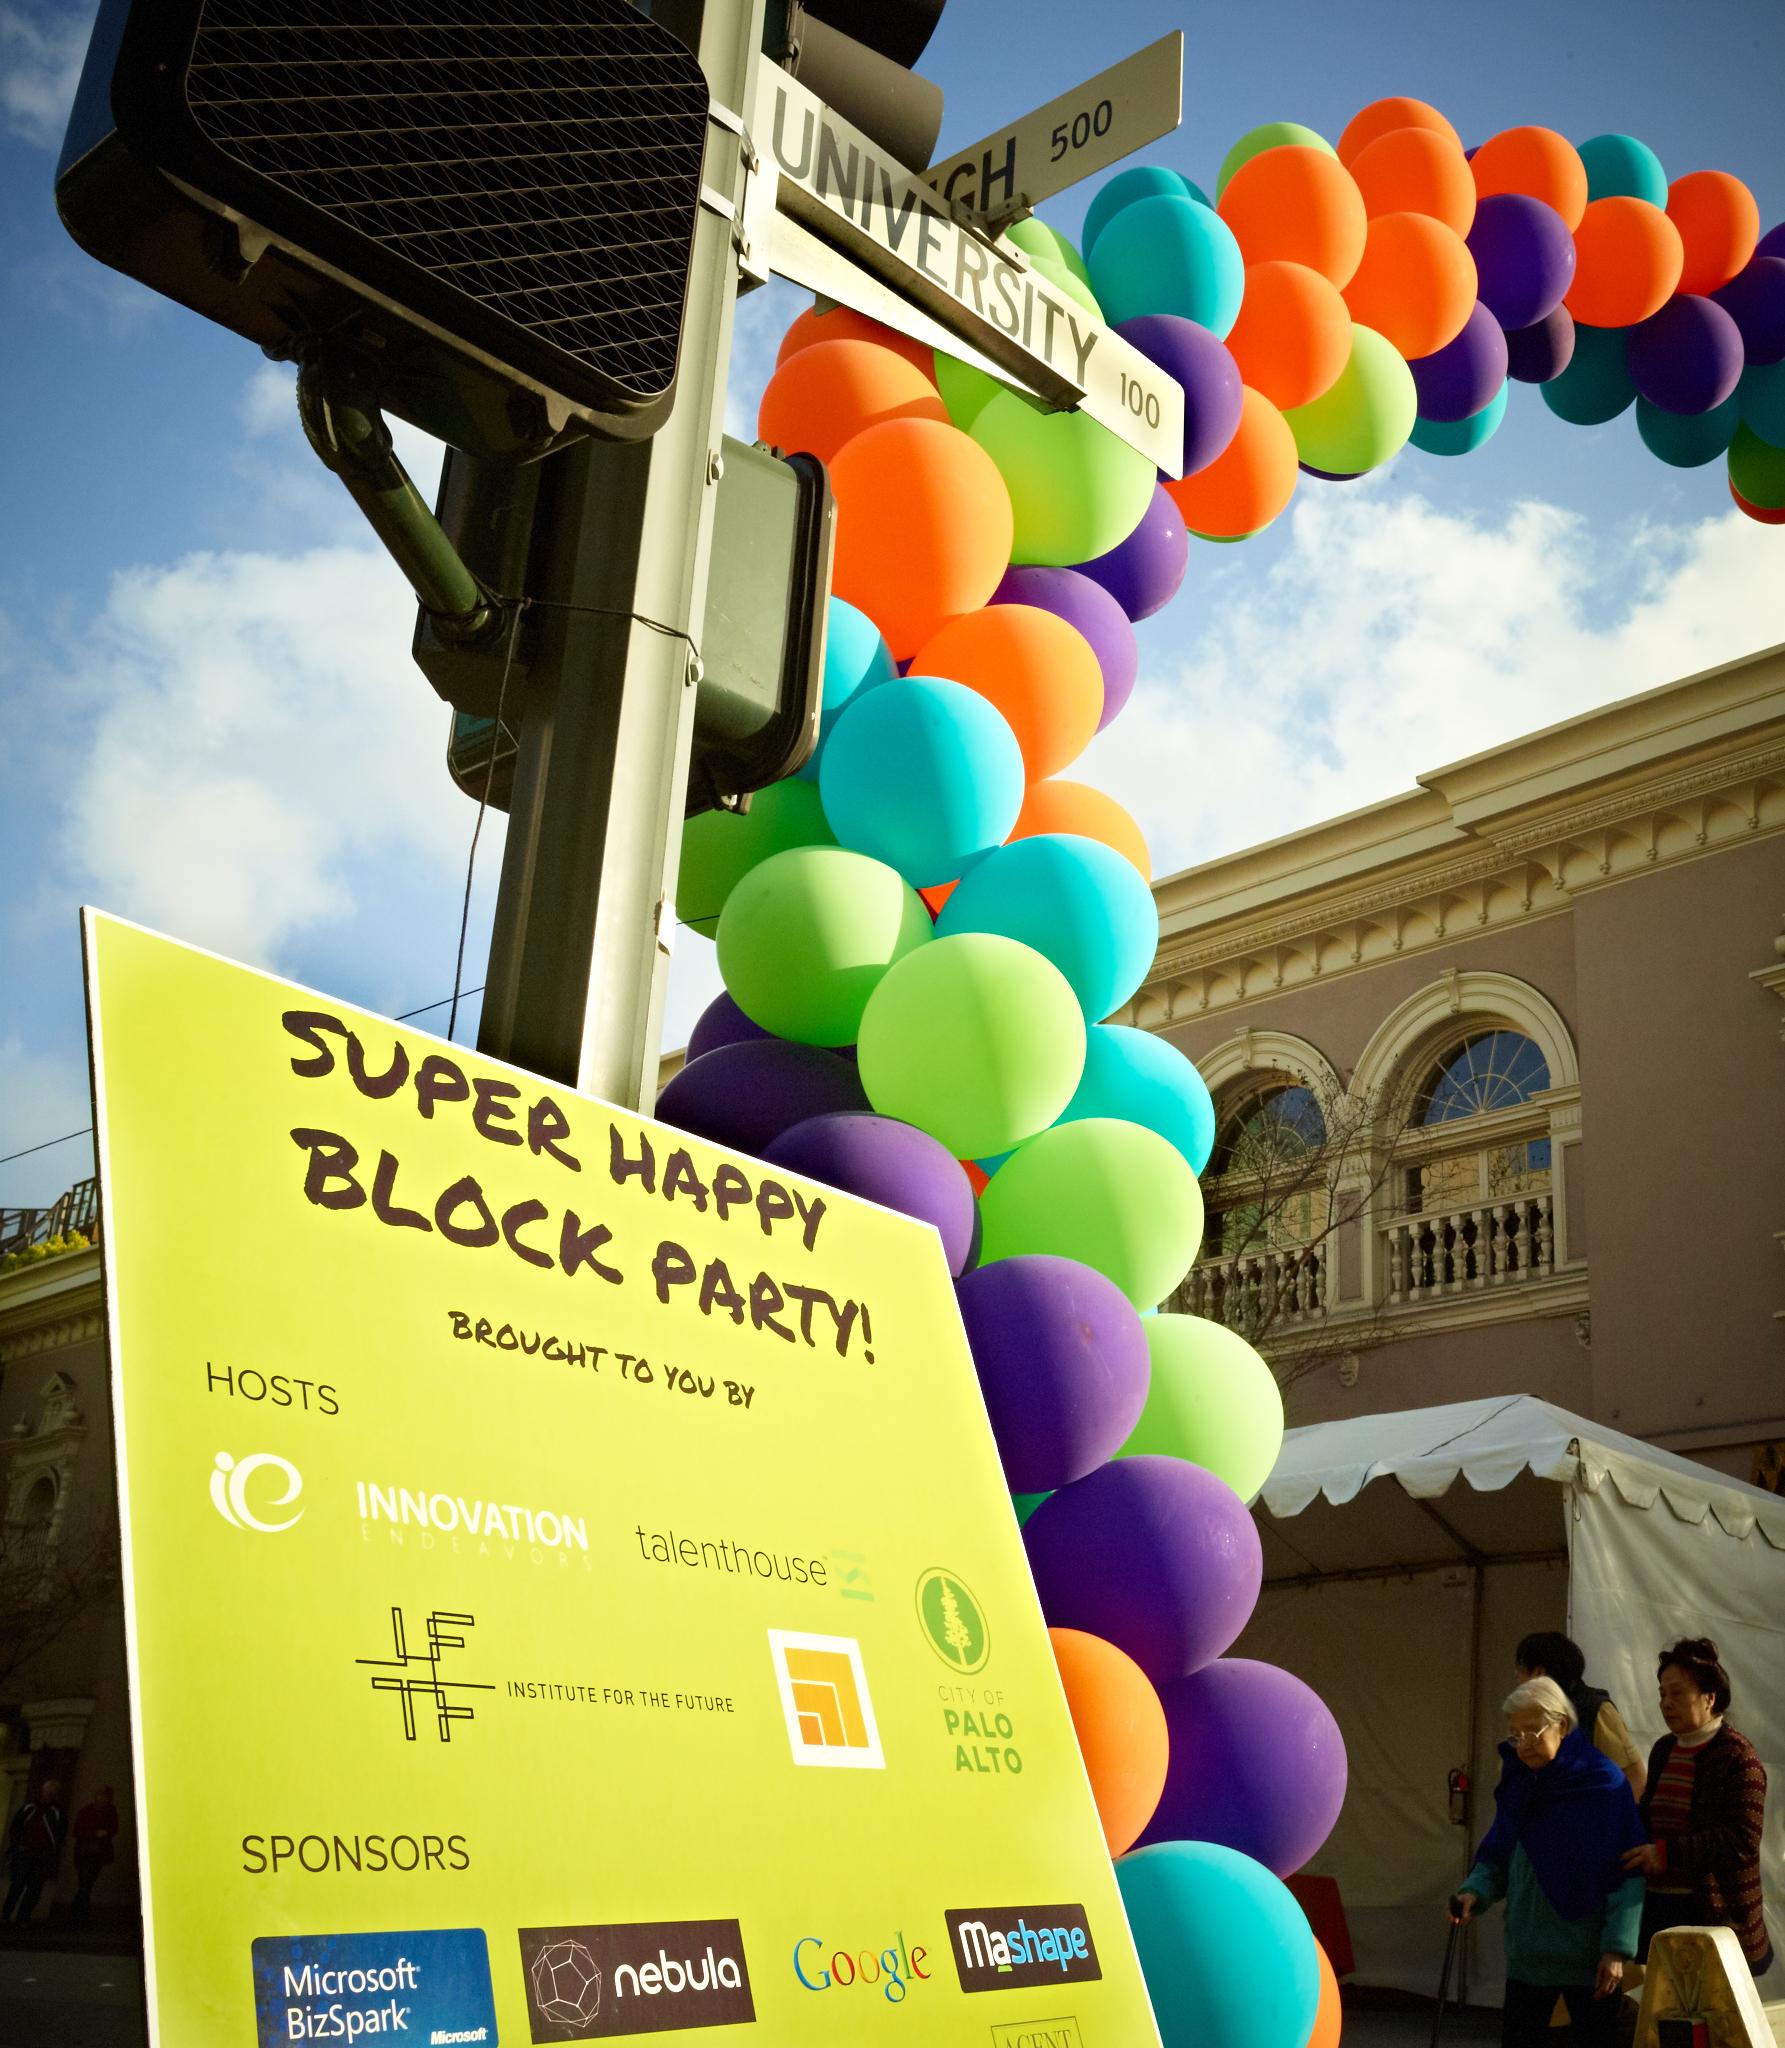 Super Happy Block Party by Peter Adams.